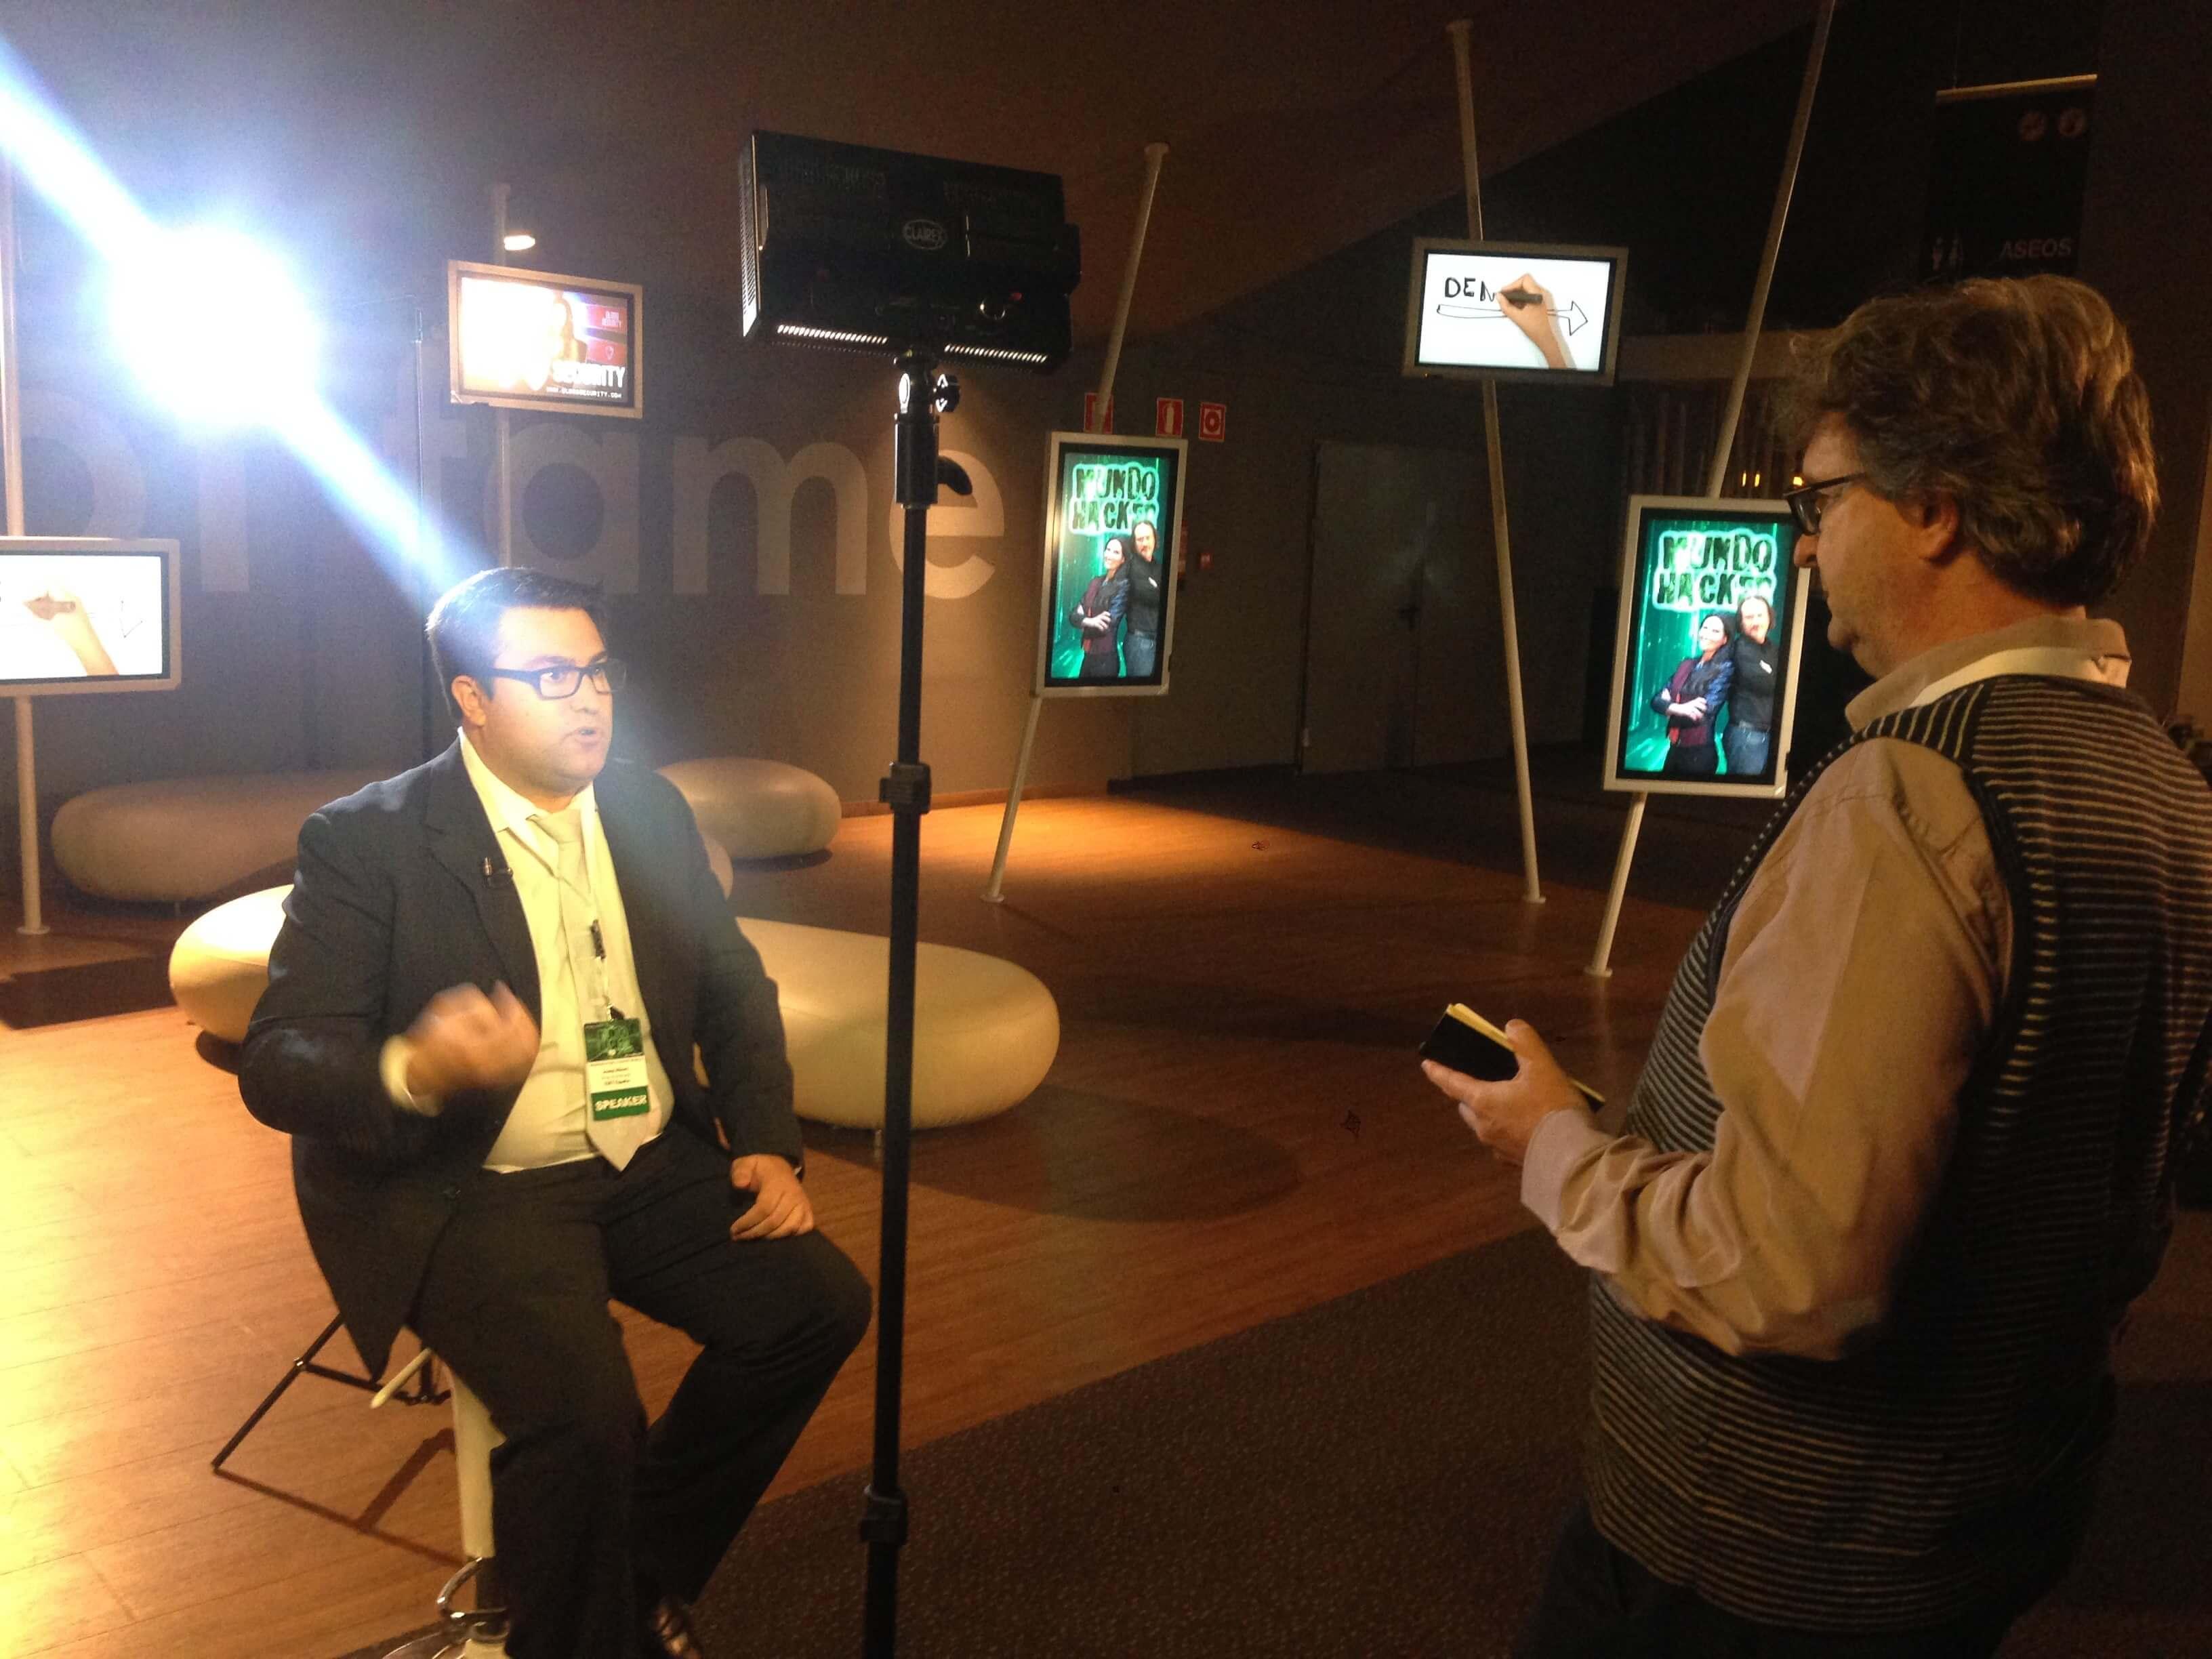 Imagen entrevista sobre la ciberprotección de Noizze Media